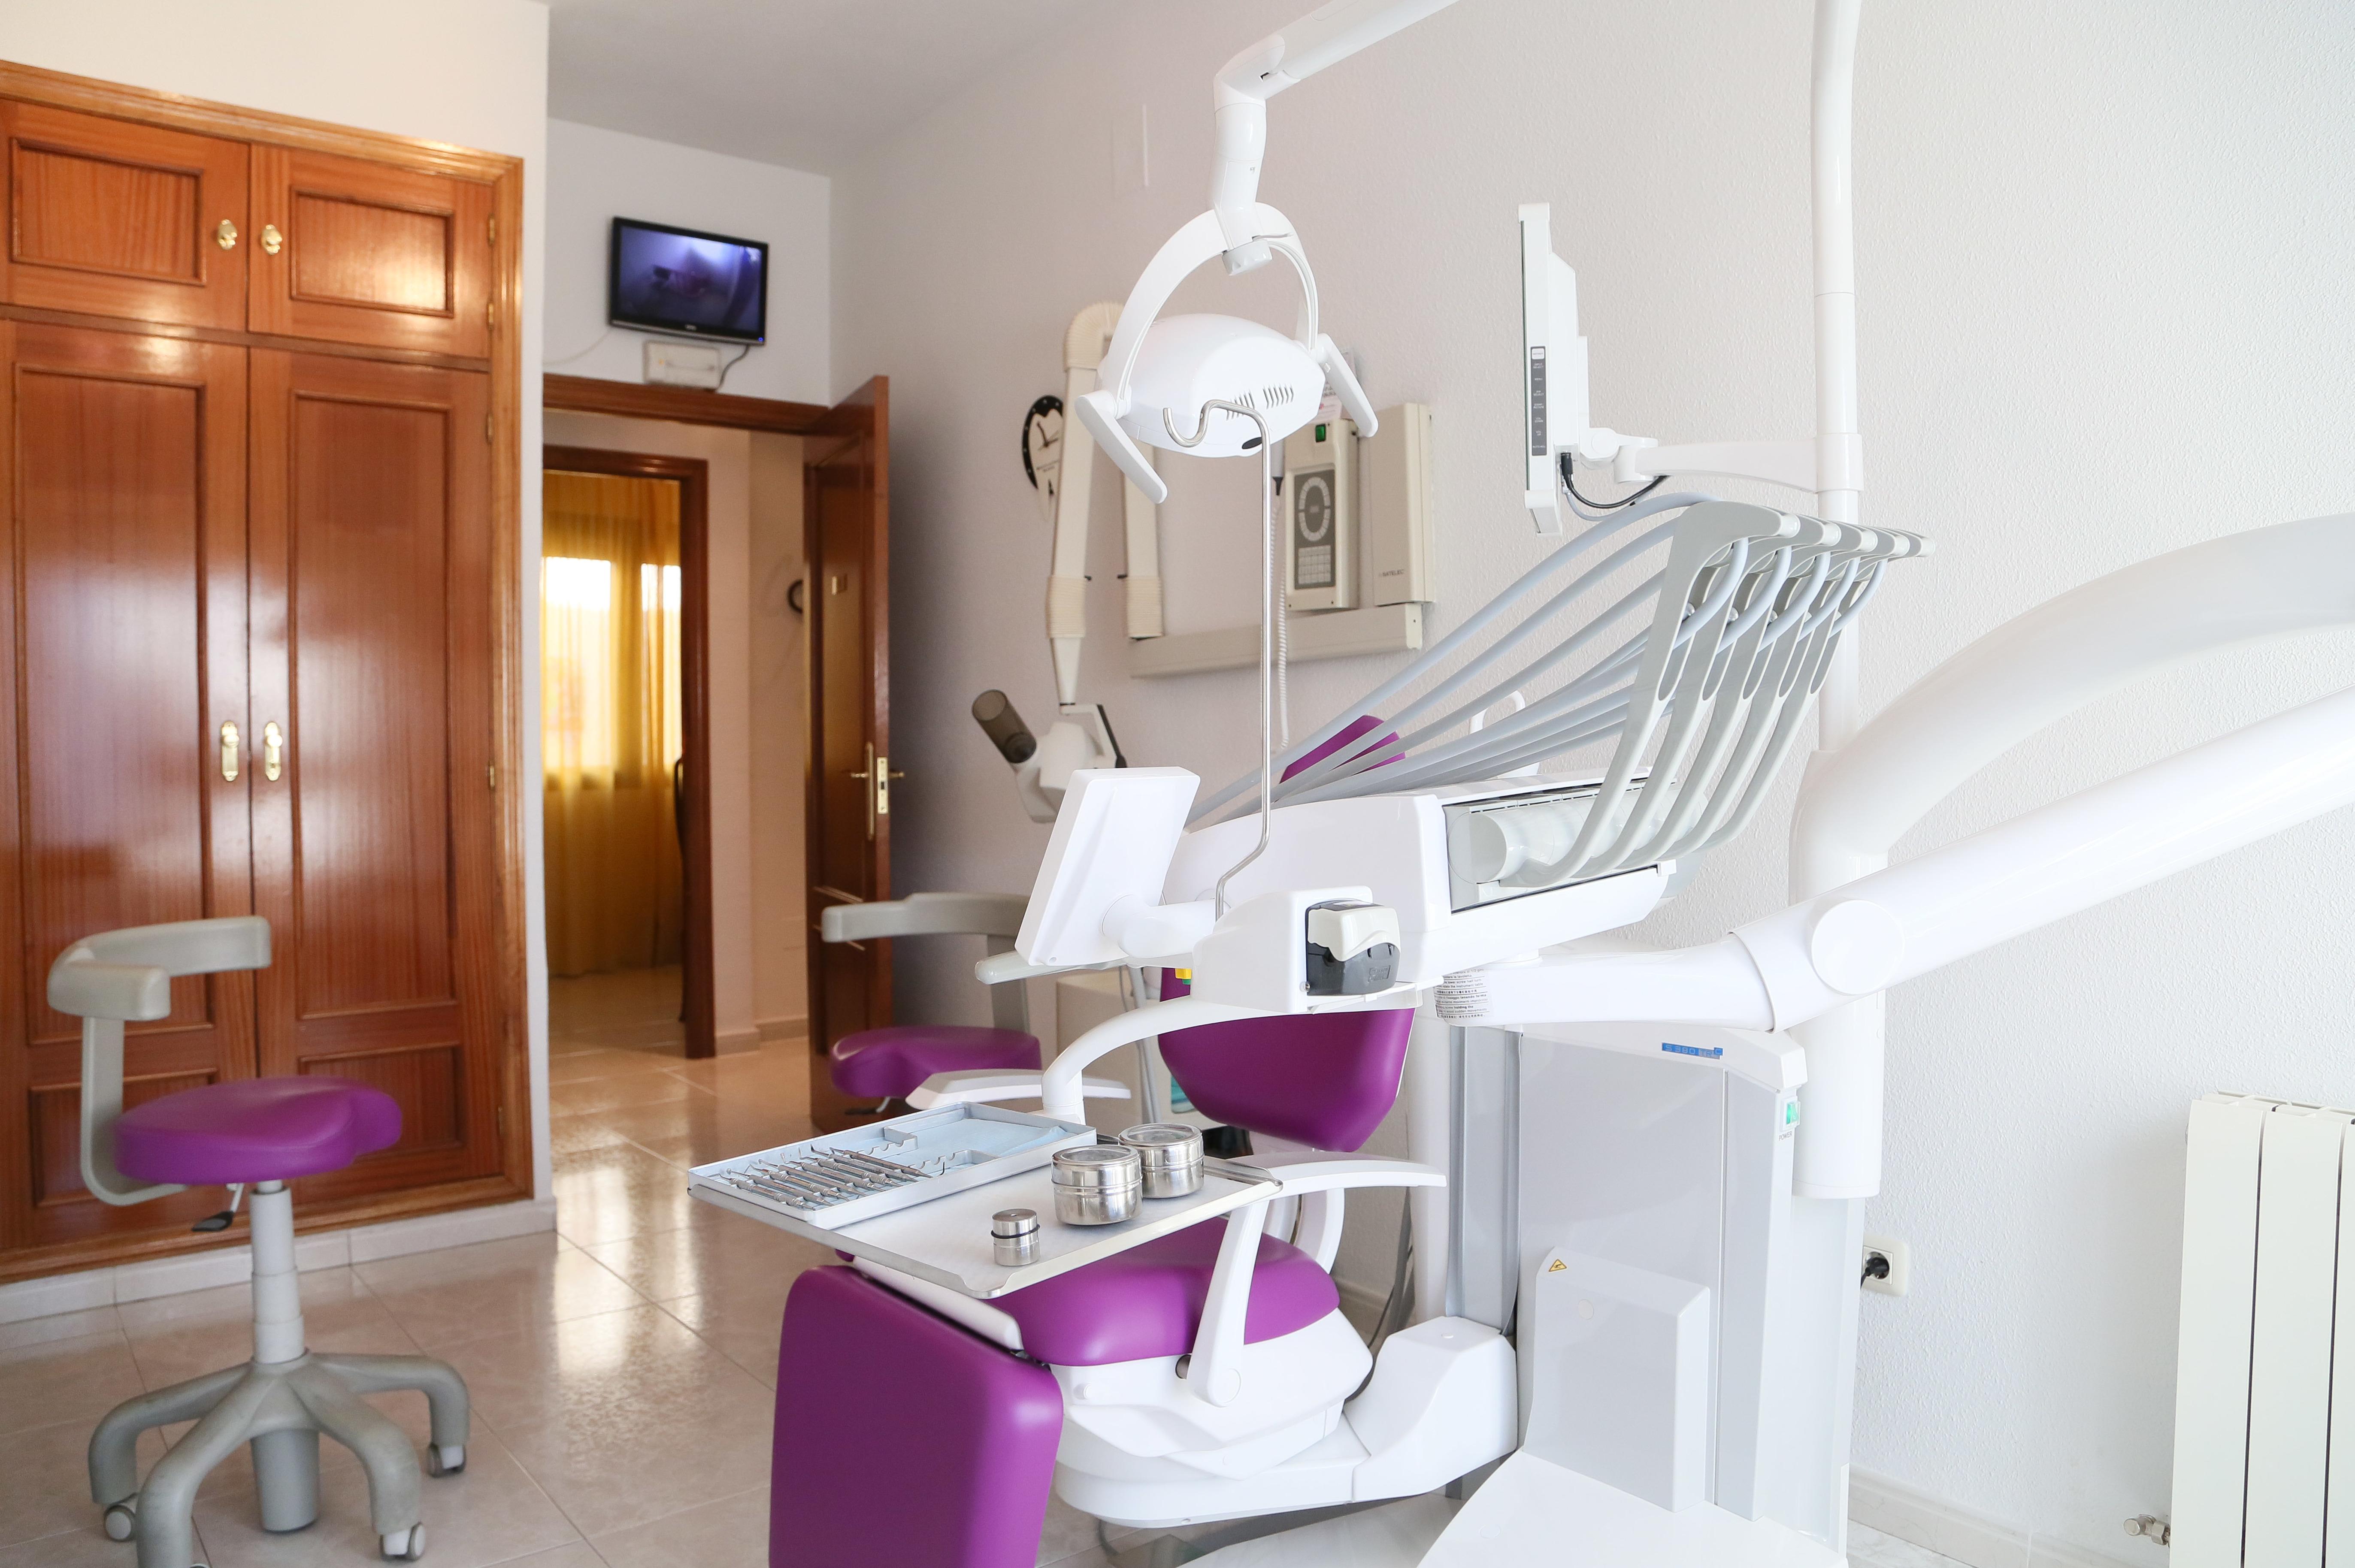 Foto 1 de Dentistas en Bargas | Clínica Dental Dra. Miriam Signorini